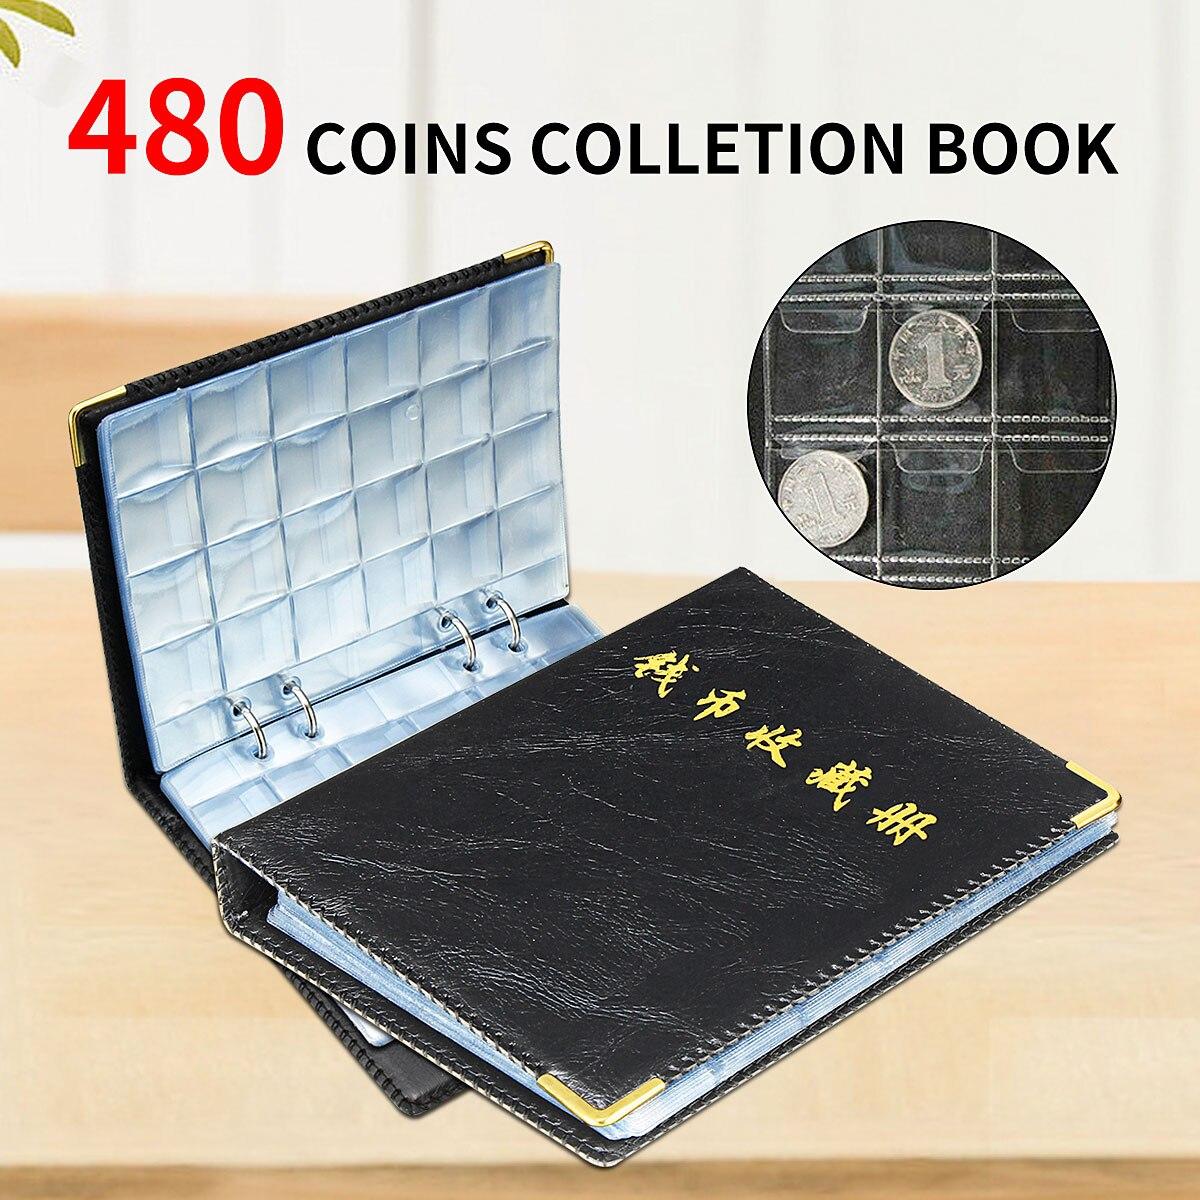 480 Peças de Moedas De Armazenamento Livro Coleção Álbum Moeda Comemorativa Coleção Titulares Volume Segurar Pasta de Multi-Cor Vazio Moeda